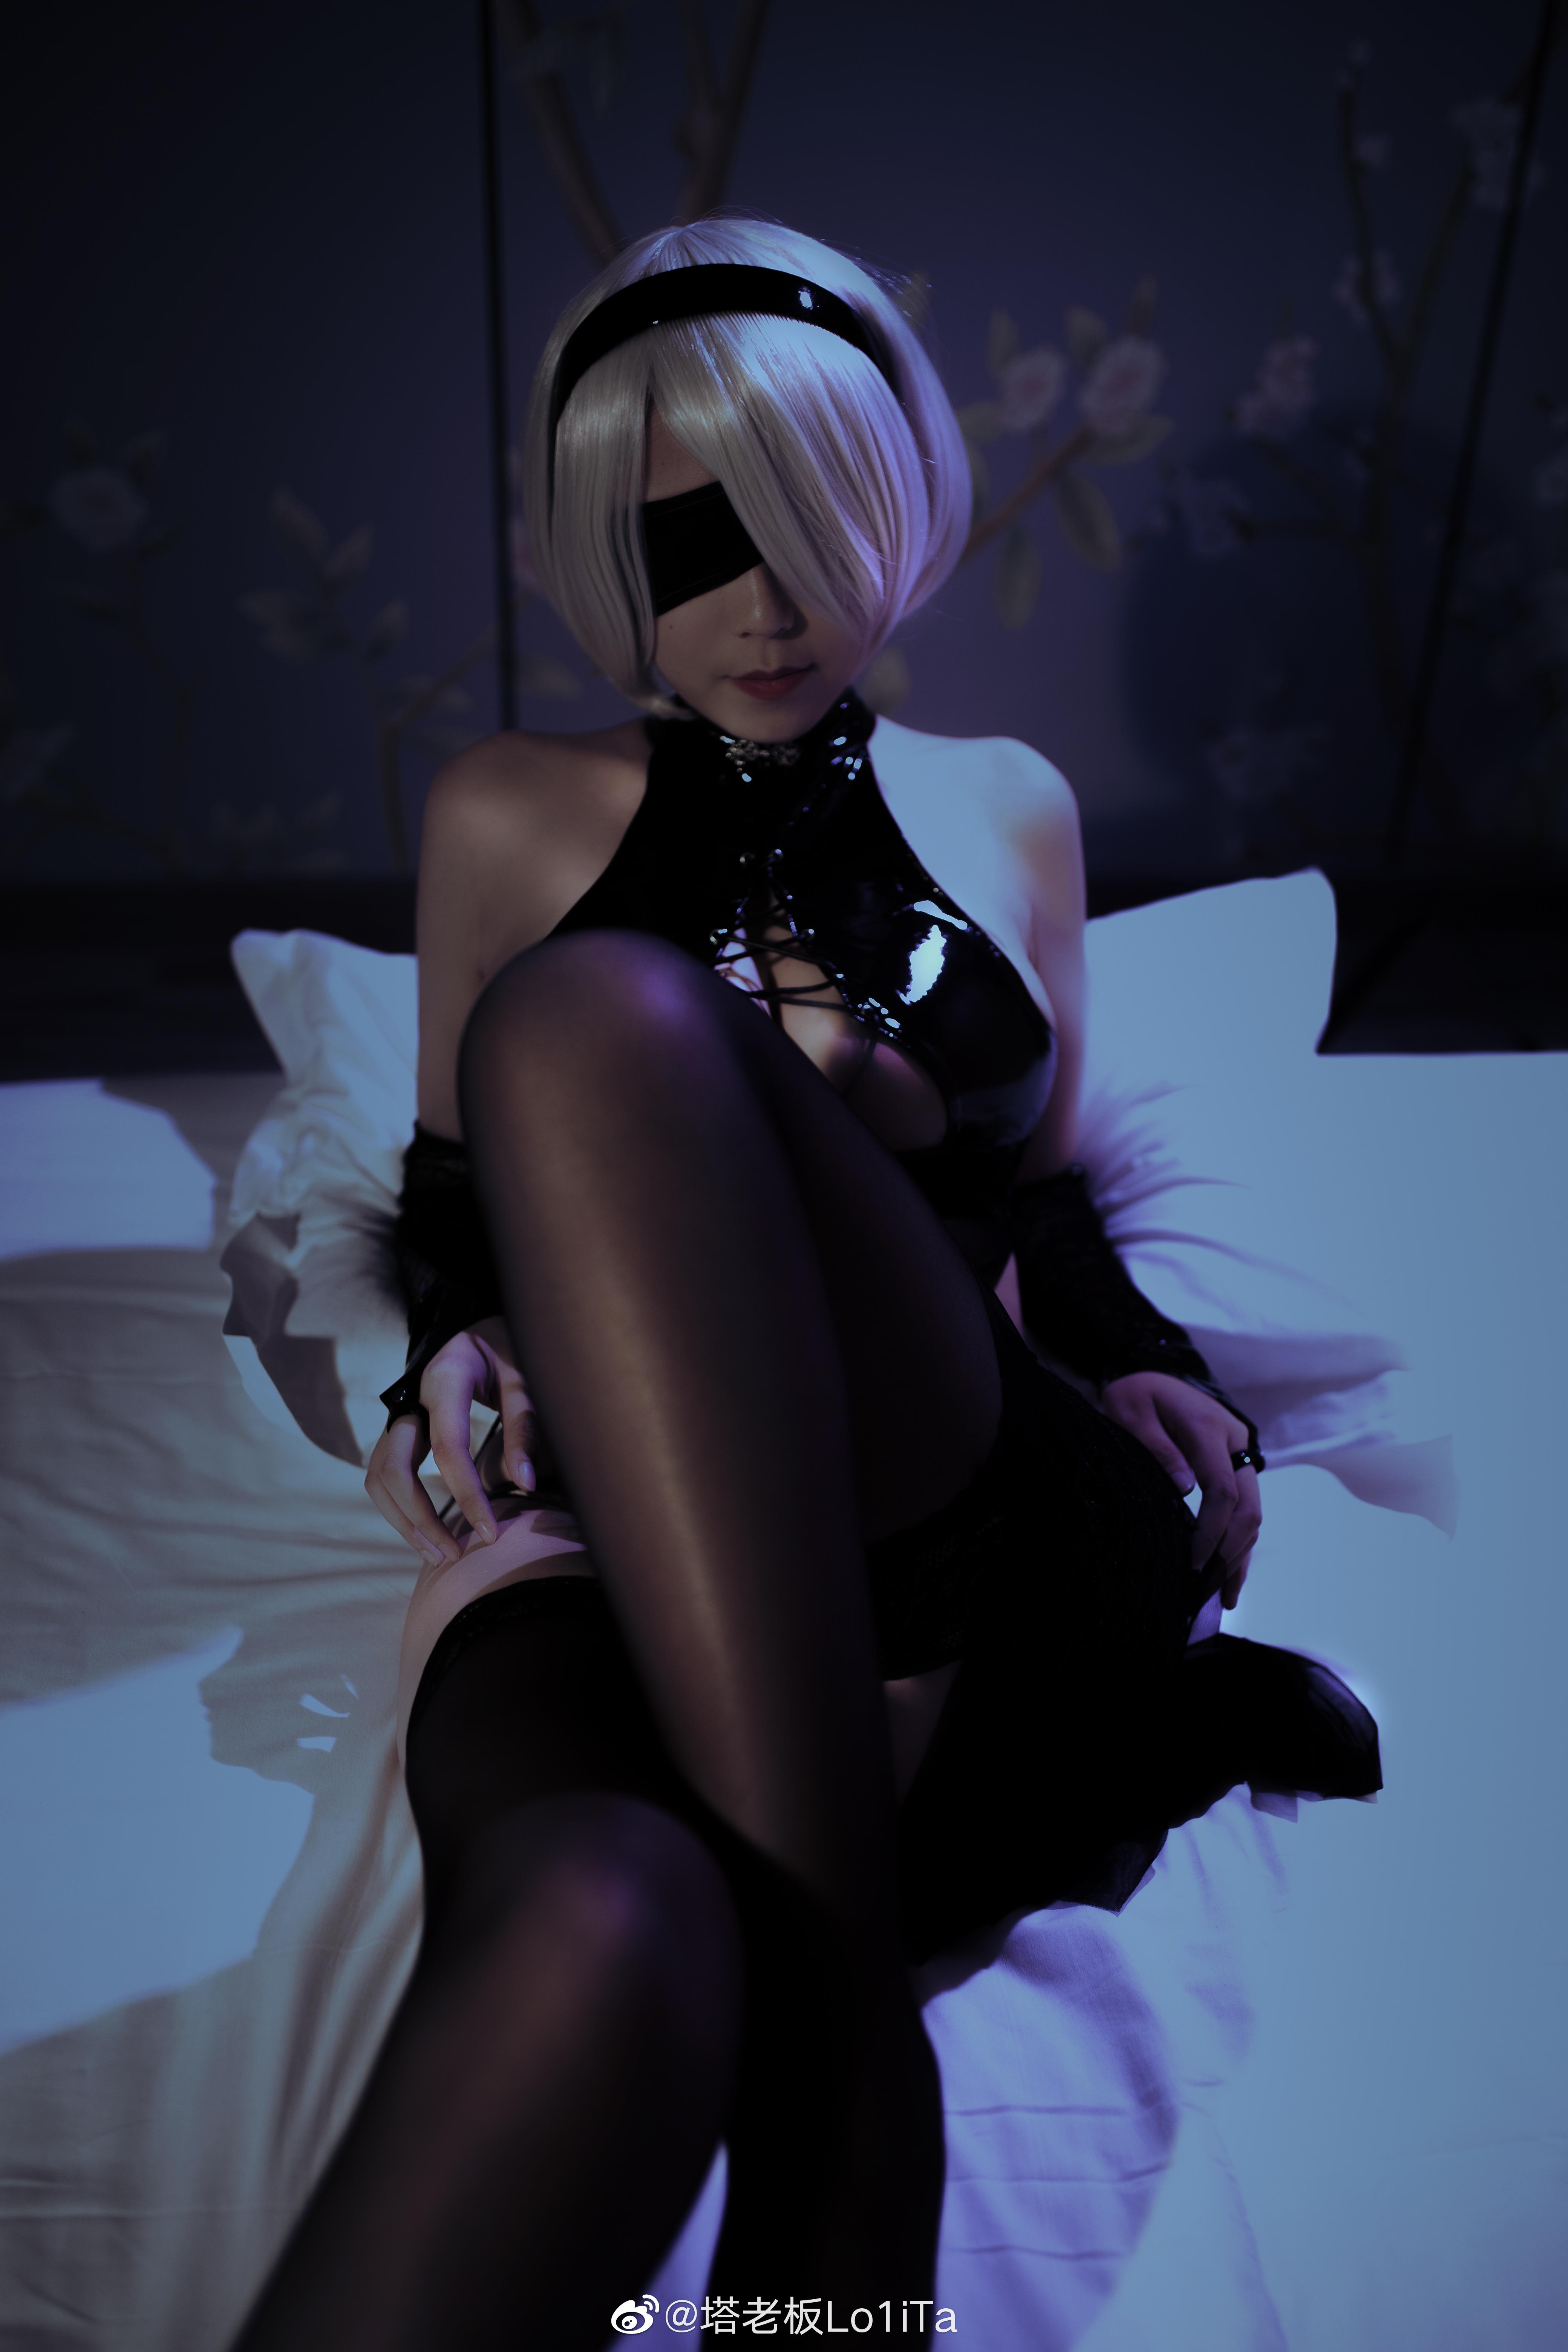 万圣节2b小姐姐也来凑个热闹(⁄ ⁄•⁄ω⁄•⁄ ⁄) Cosplay-第3张